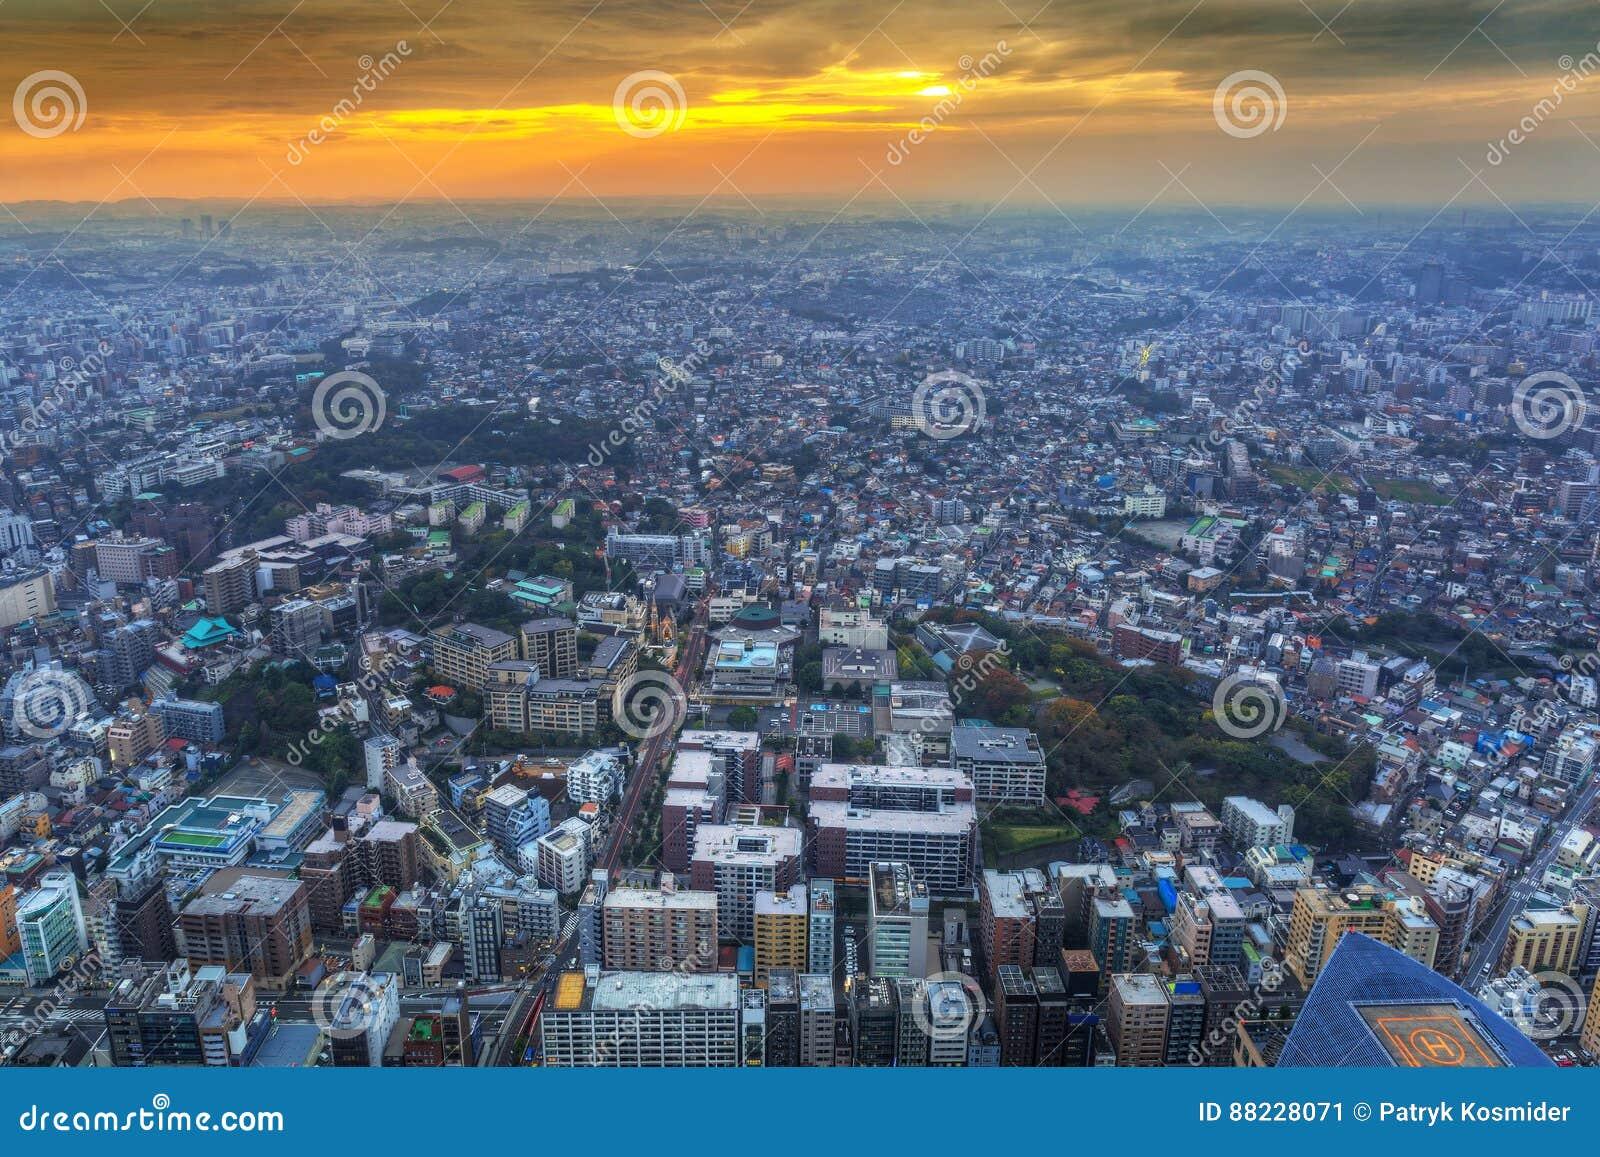 Aerial view of Yokohama at dusk